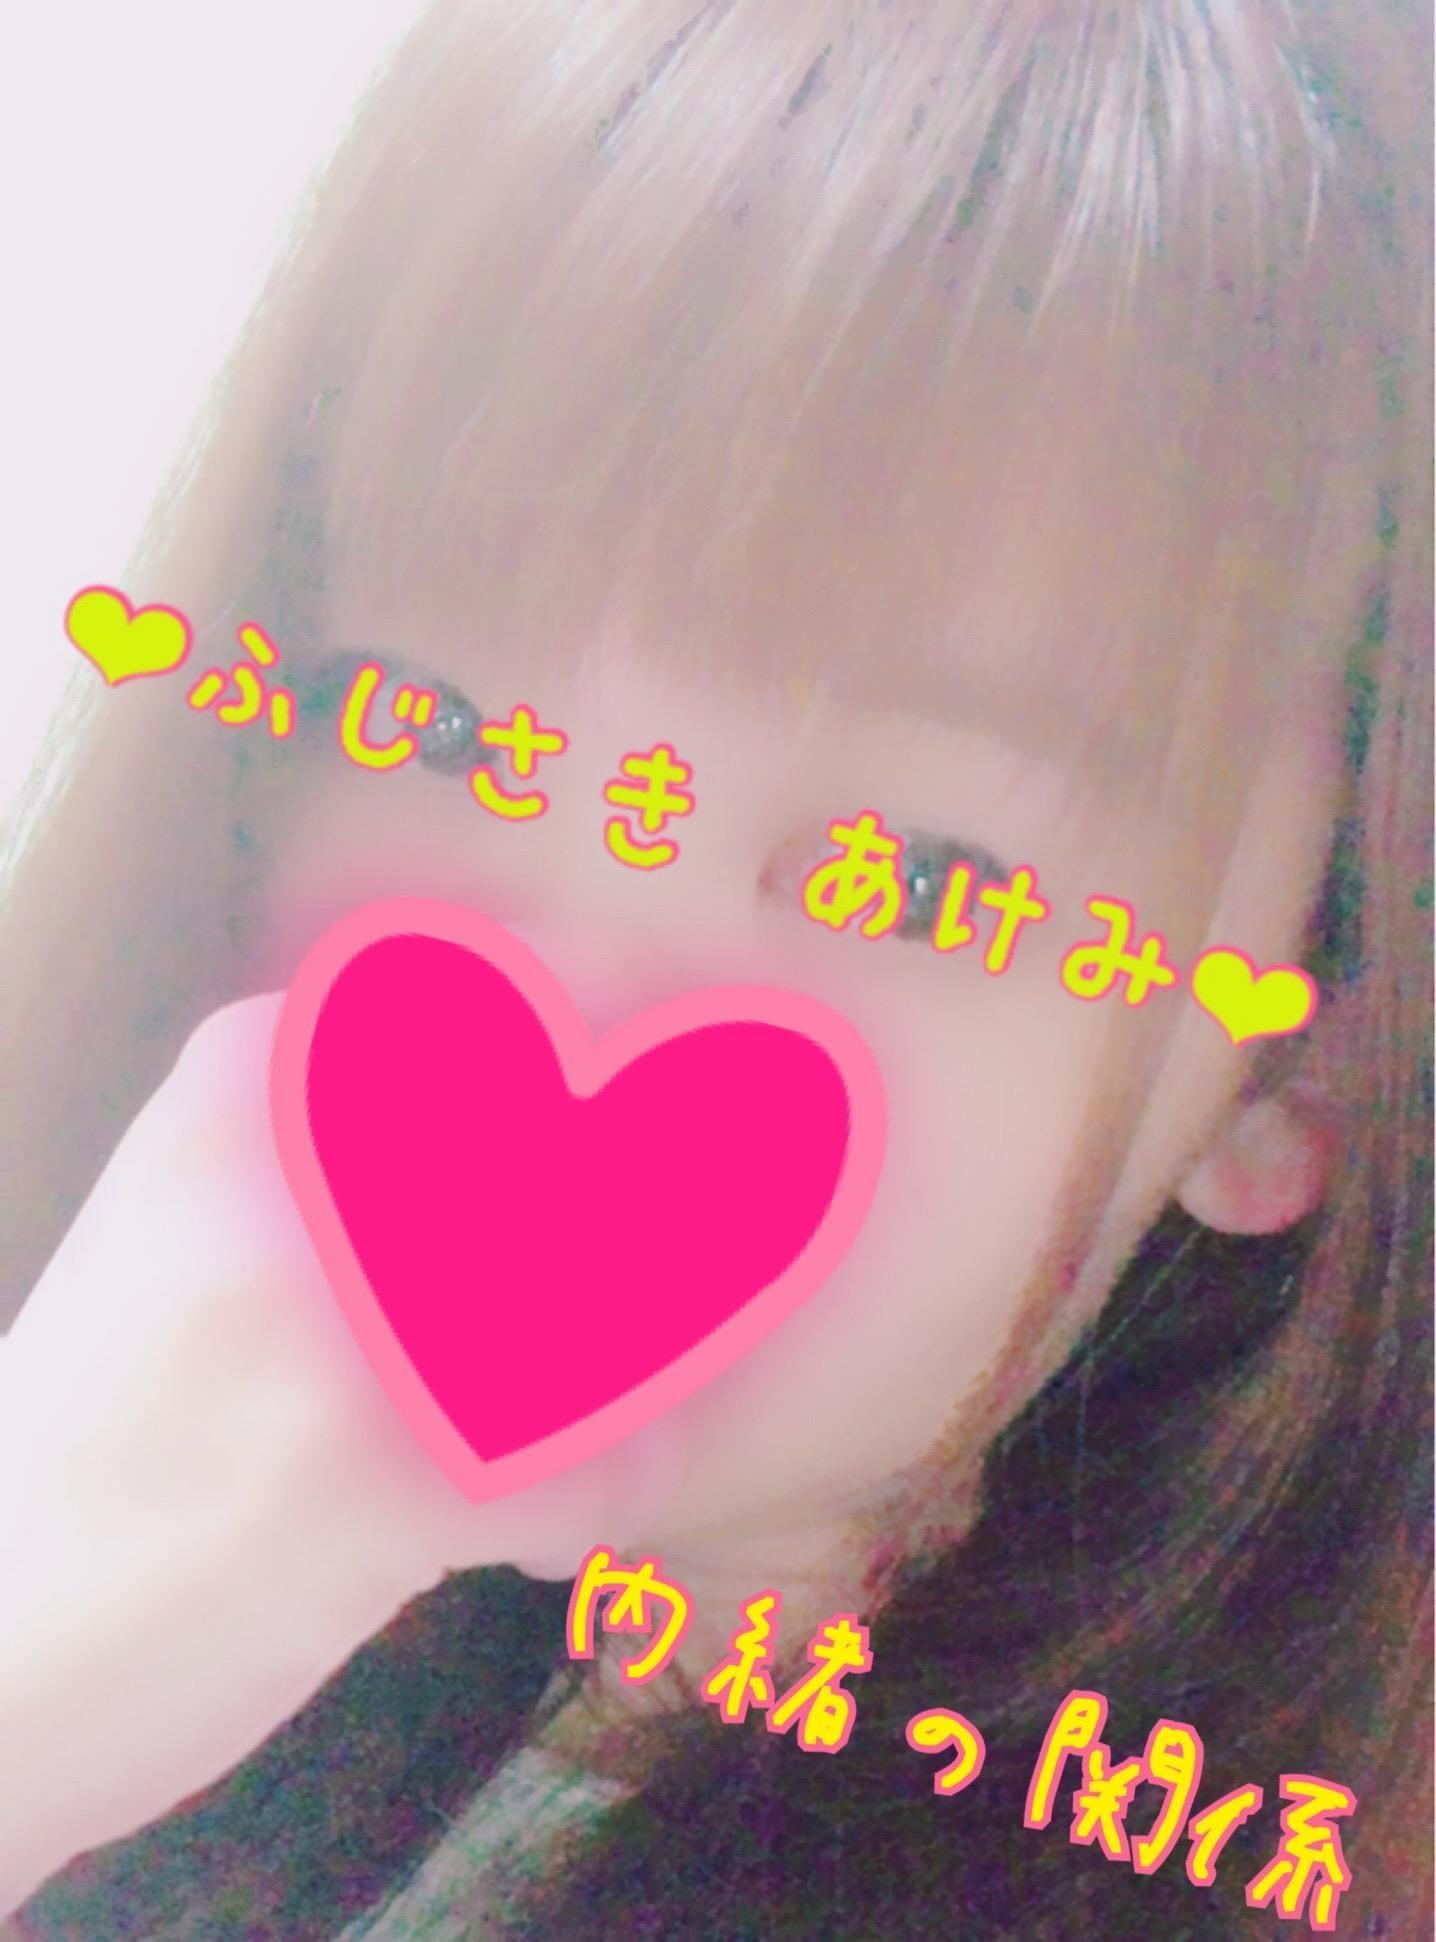 あけみ「ᵗᑋᵃᐢᵏ ᵞᵒᵘ*。:°ஐ..*」12/01(日) 19:54   あけみの写メ・風俗動画